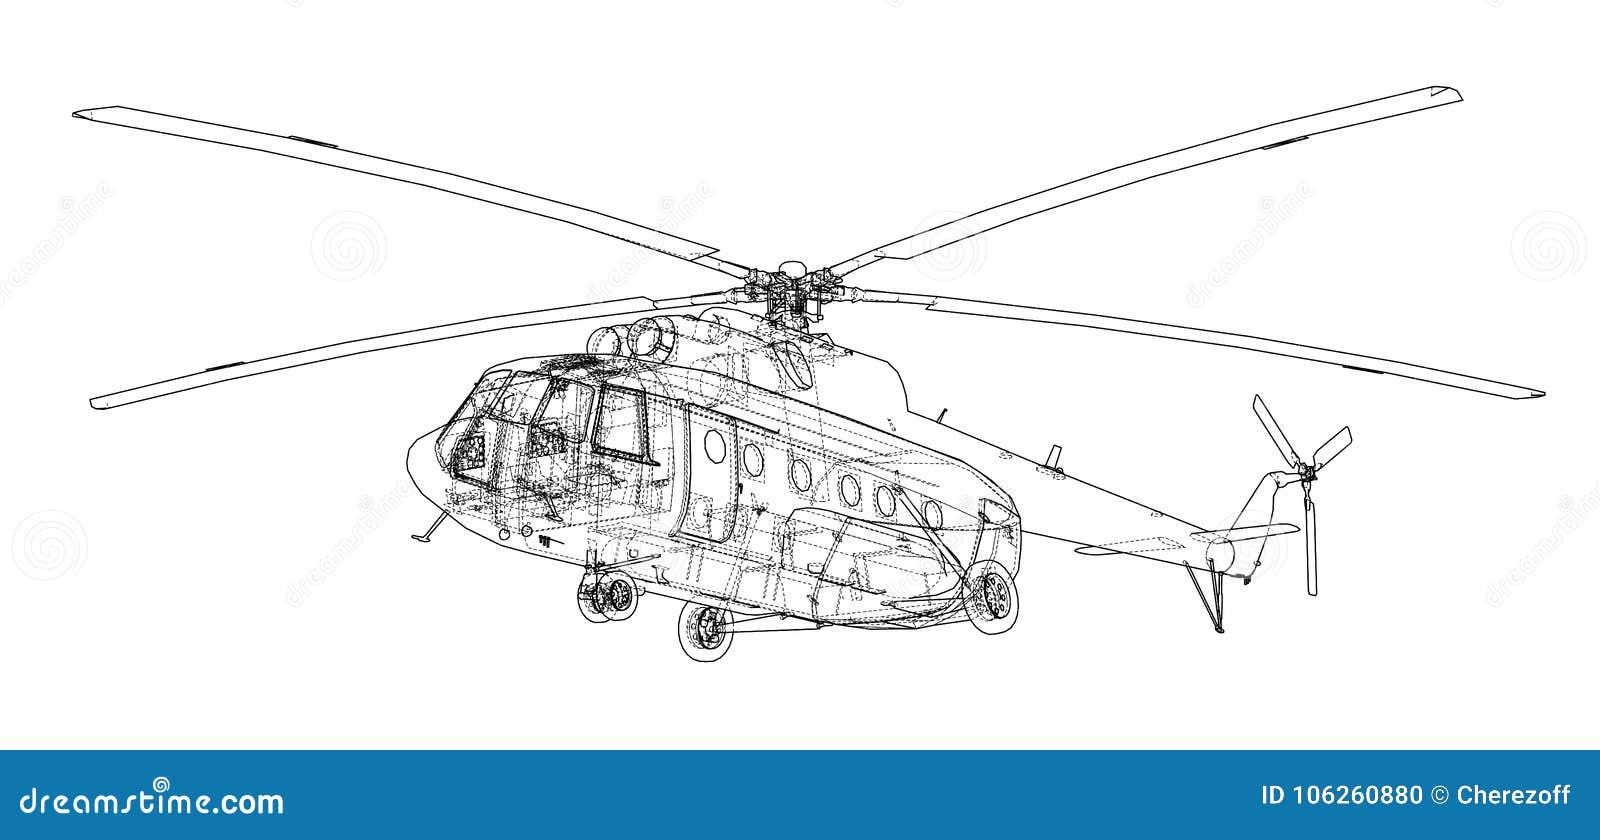 直升机工程图